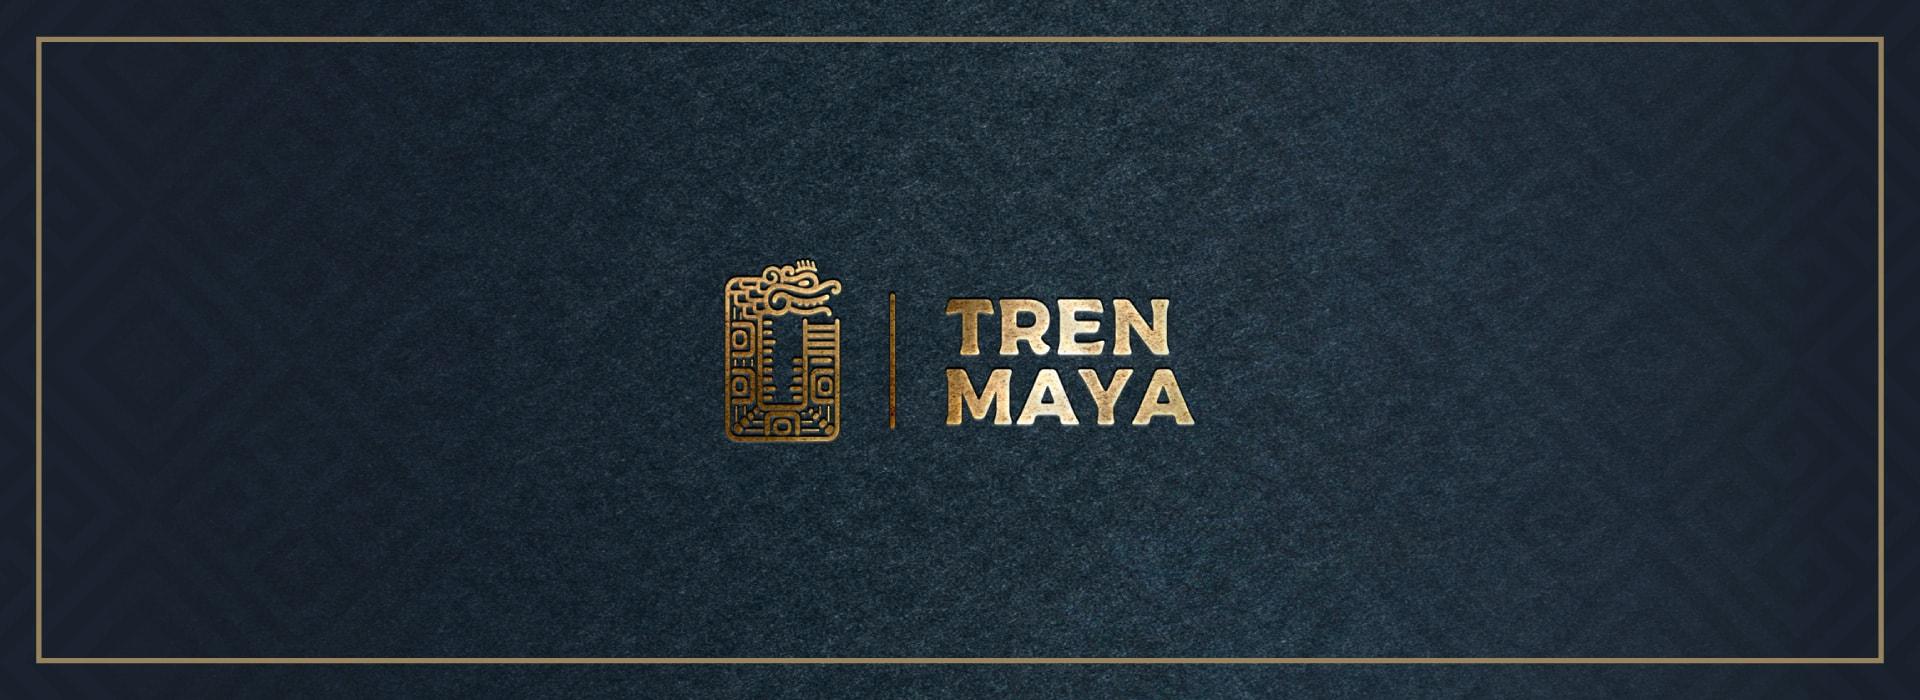 Fonatur presenta bases para la licitación del Tren Maya.